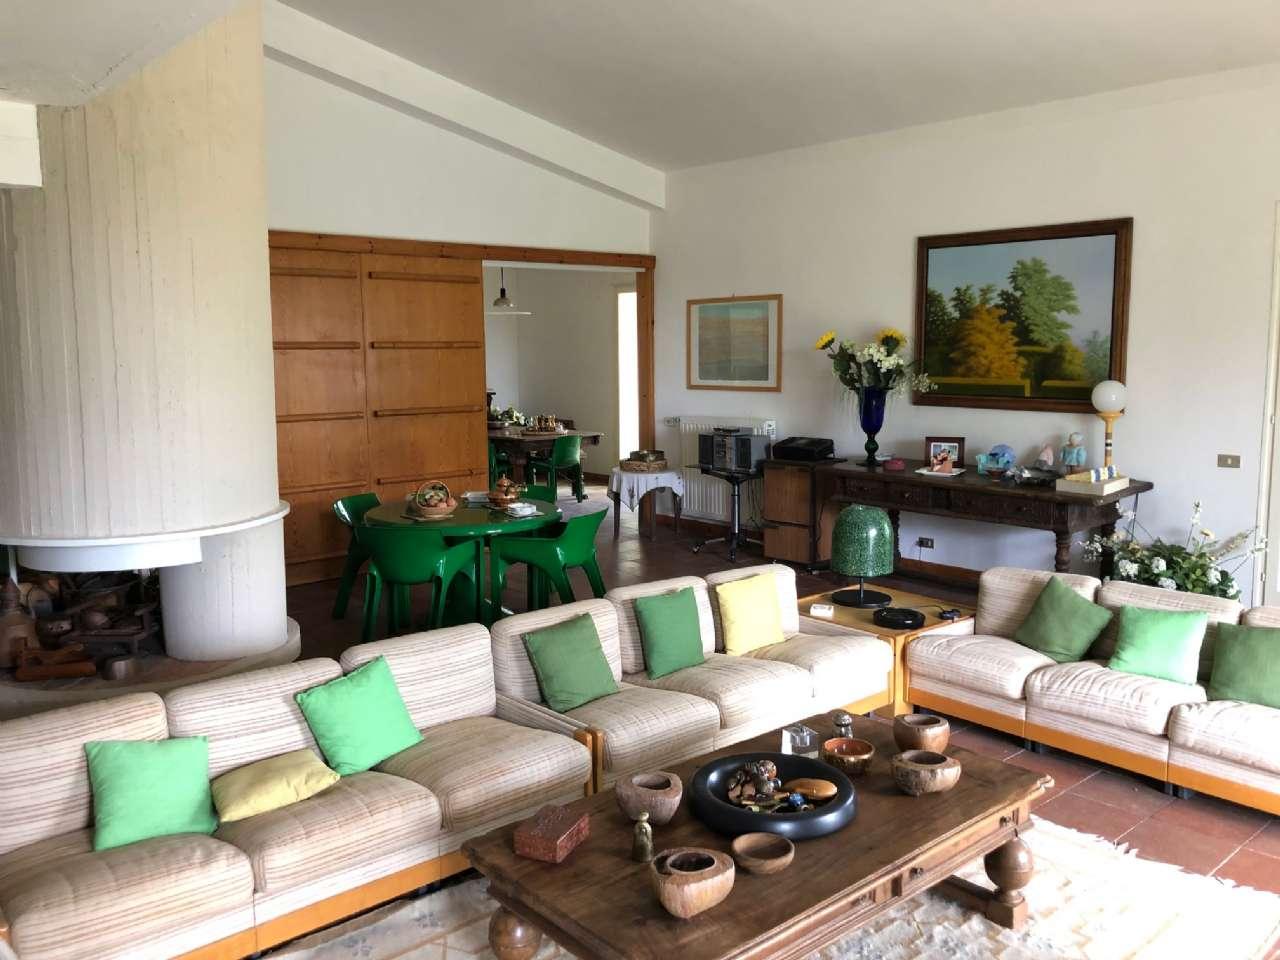 Villa in vendita a Ronciglione, 9 locali, prezzo € 220.000 | CambioCasa.it